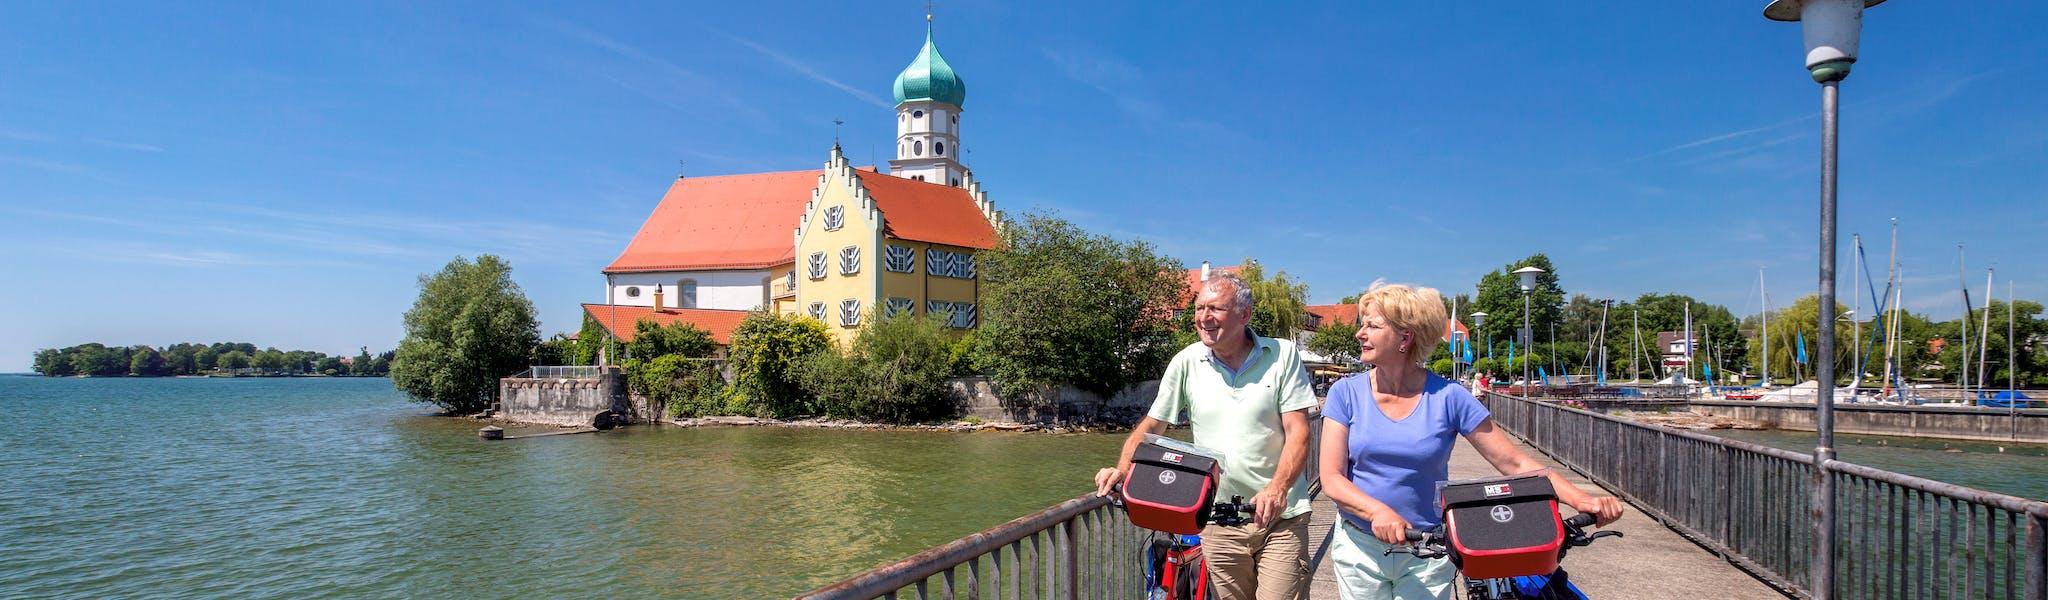 Wasserburg Bodensee fietsen echtpaar